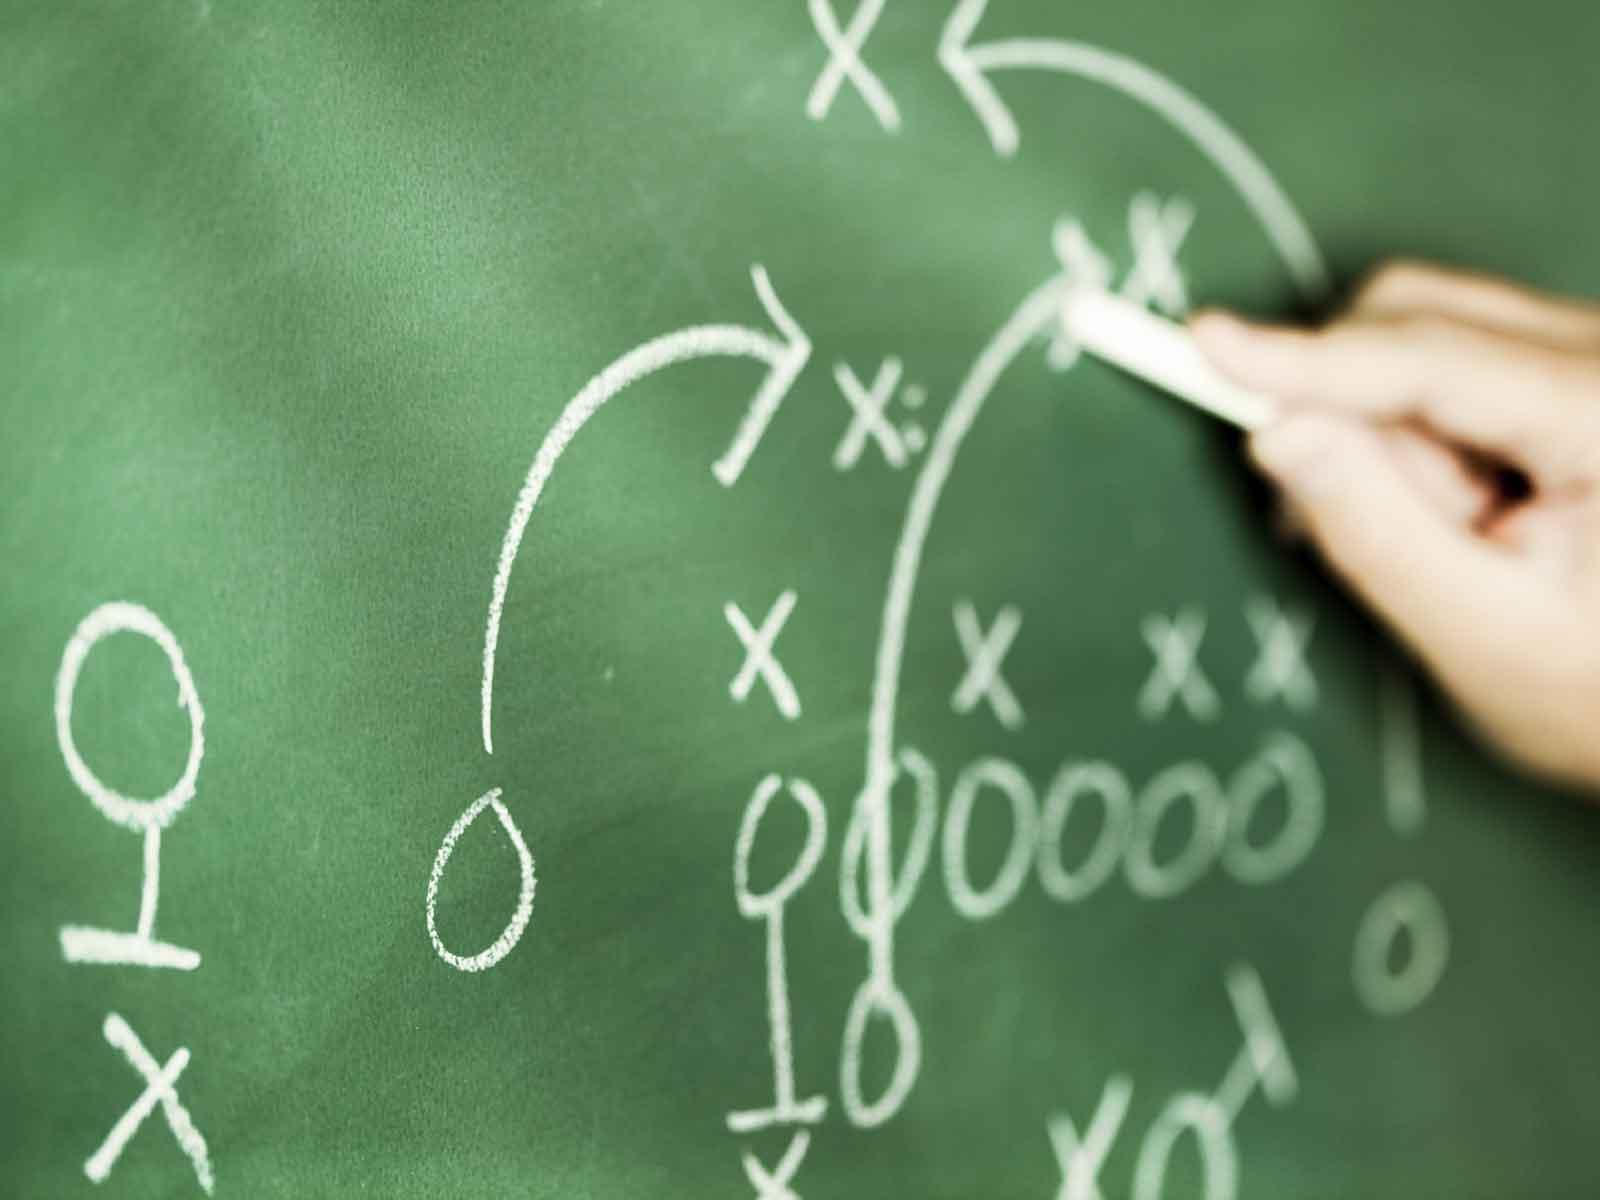 Quattro playbook attacco/difesa di squadre NFL